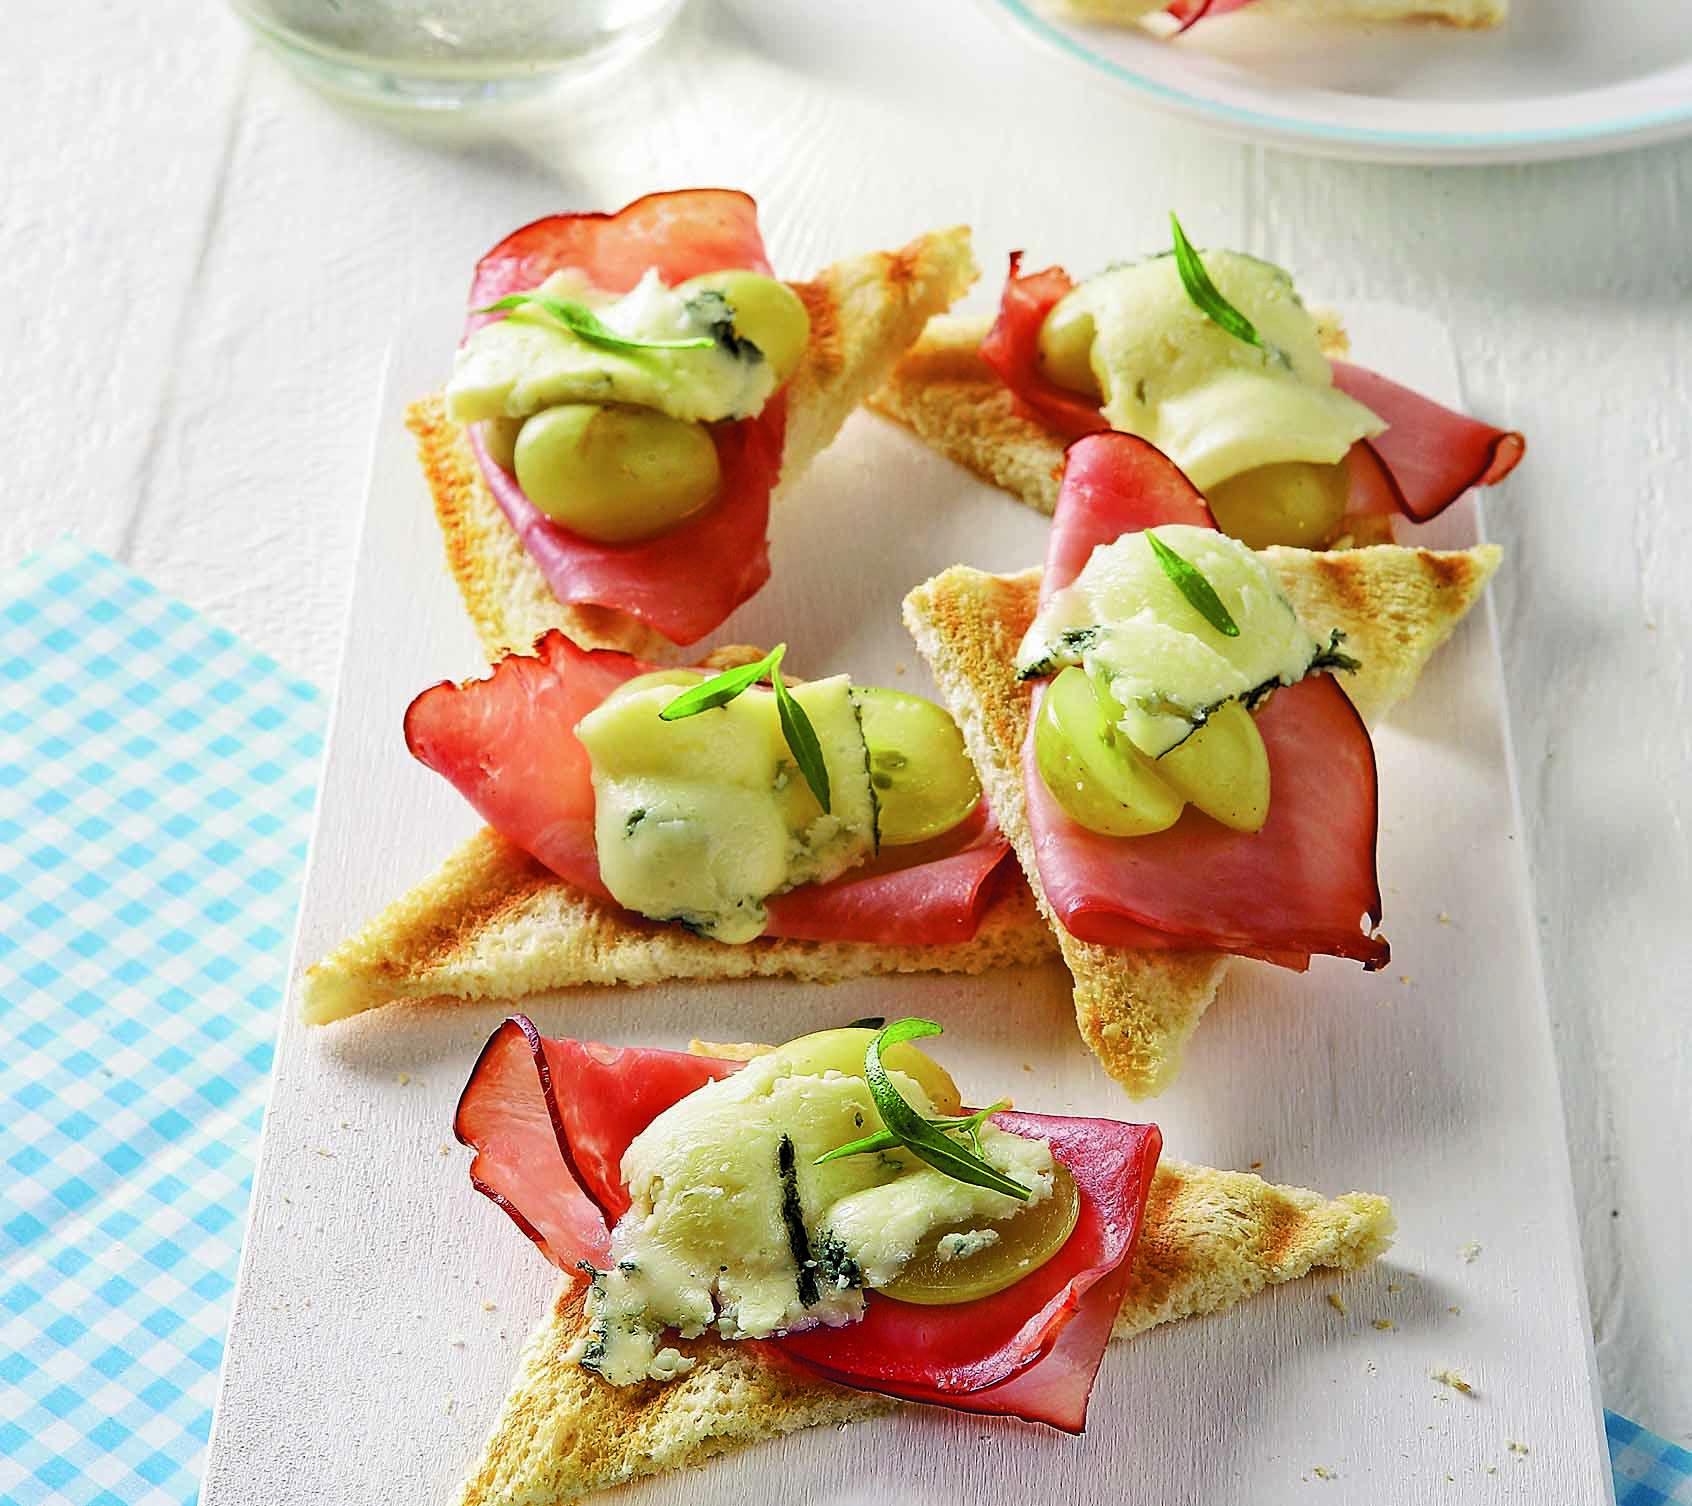 С ломтиков хлеба для тостов срезать корку и подрумянить их в тостере или на сковороде. Тосты намазать сливочным маслом и разрезать каждый по диагонали так, чтобы получились треугольники....